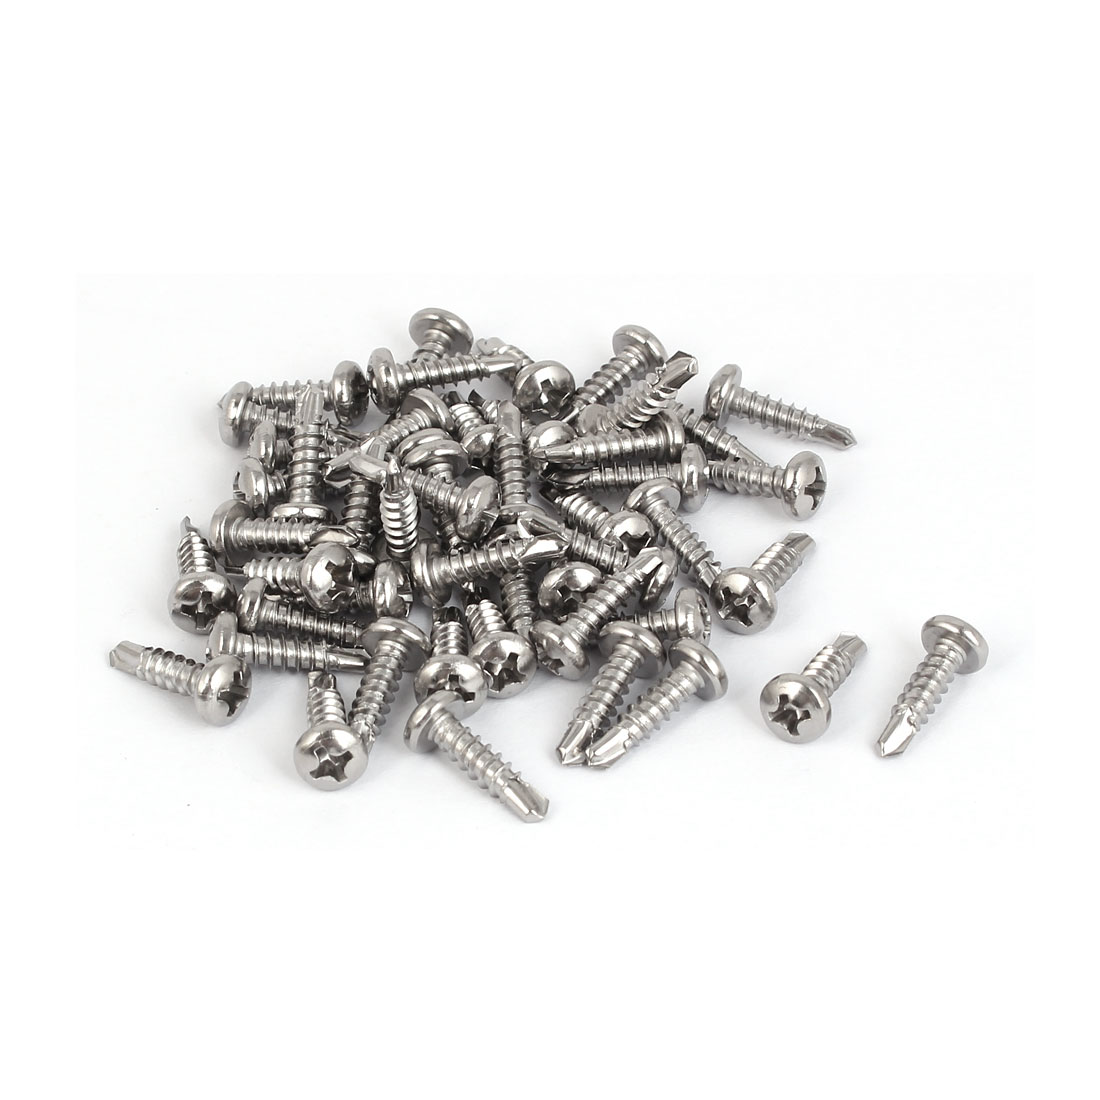 M3.5 x 13mm Male Thread Phillips Pan Head Self Drilling Screws 50 Pcs